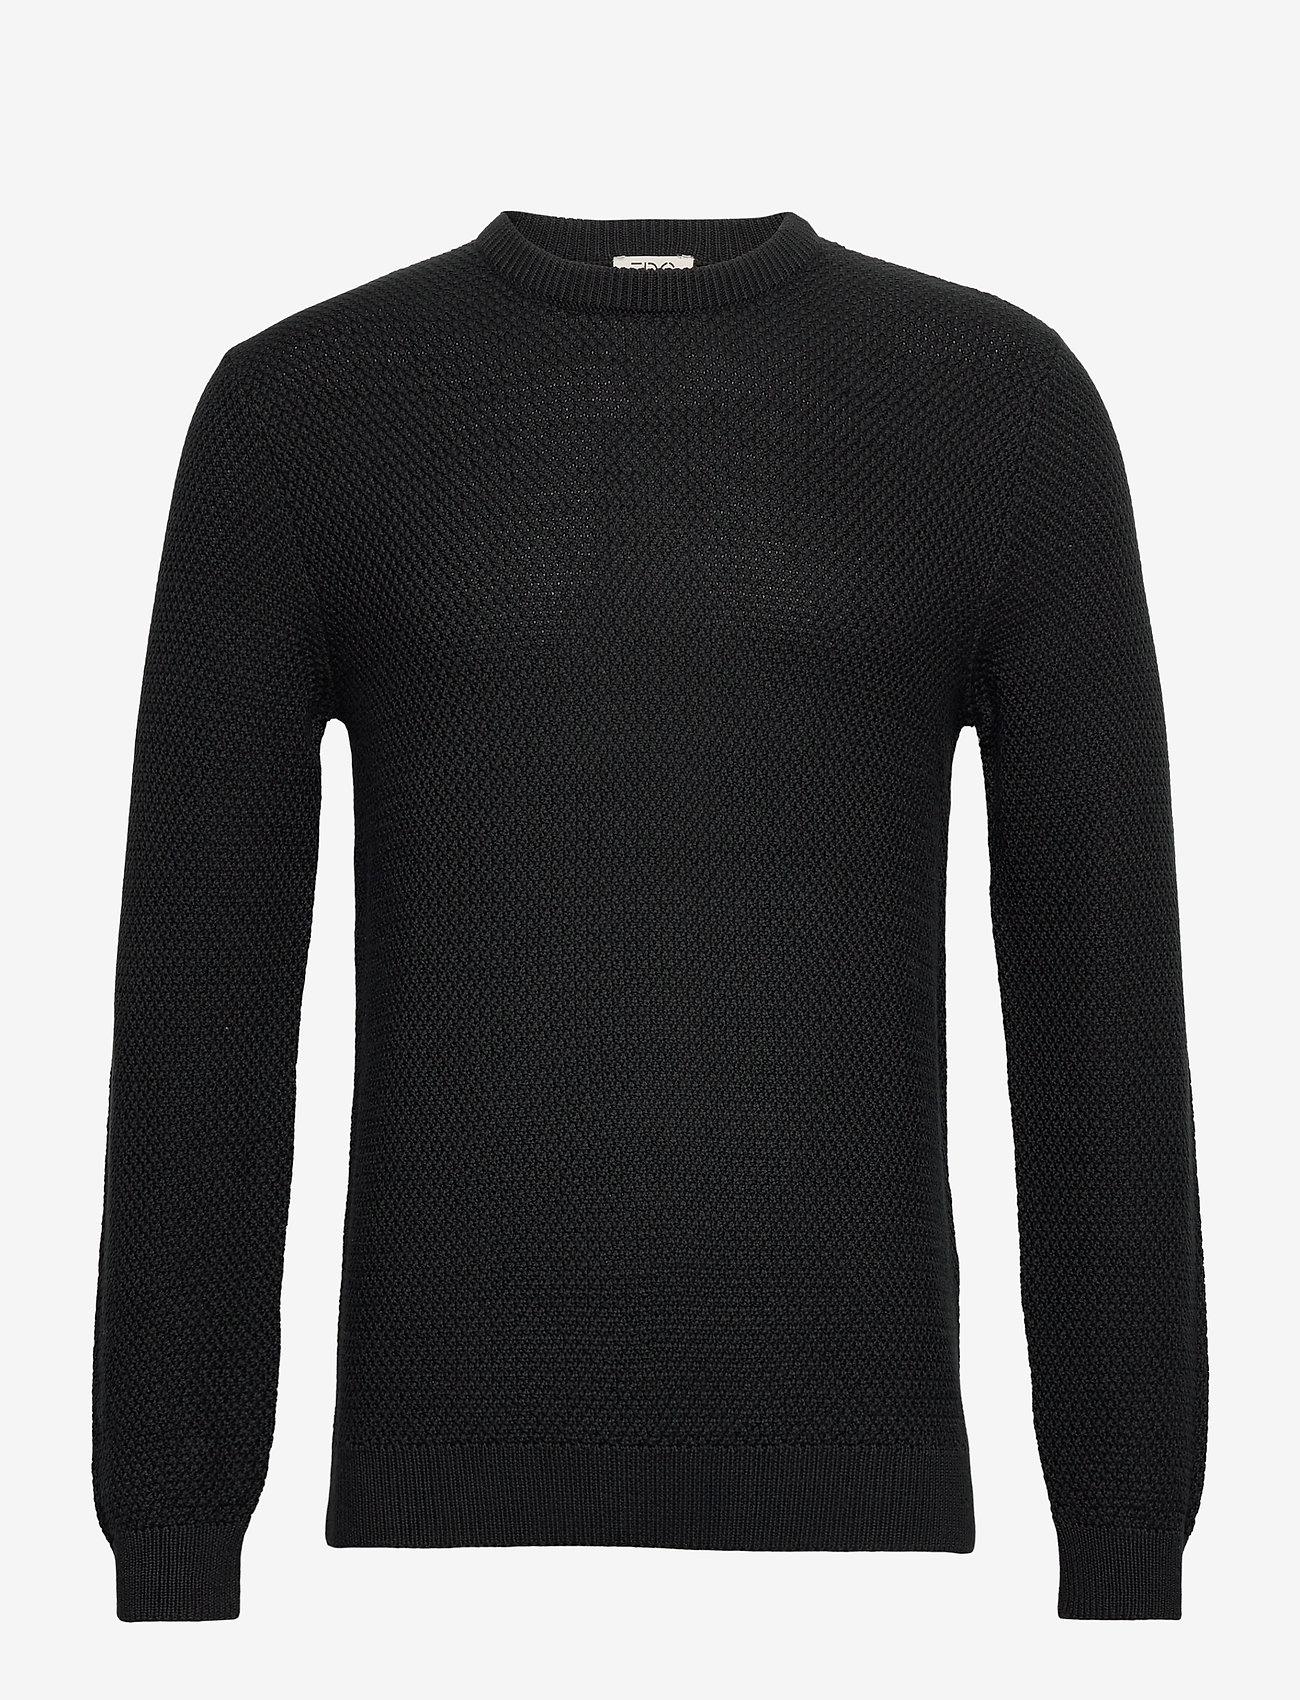 EDC by Esprit - Sweaters - tricots basiques - black - 0